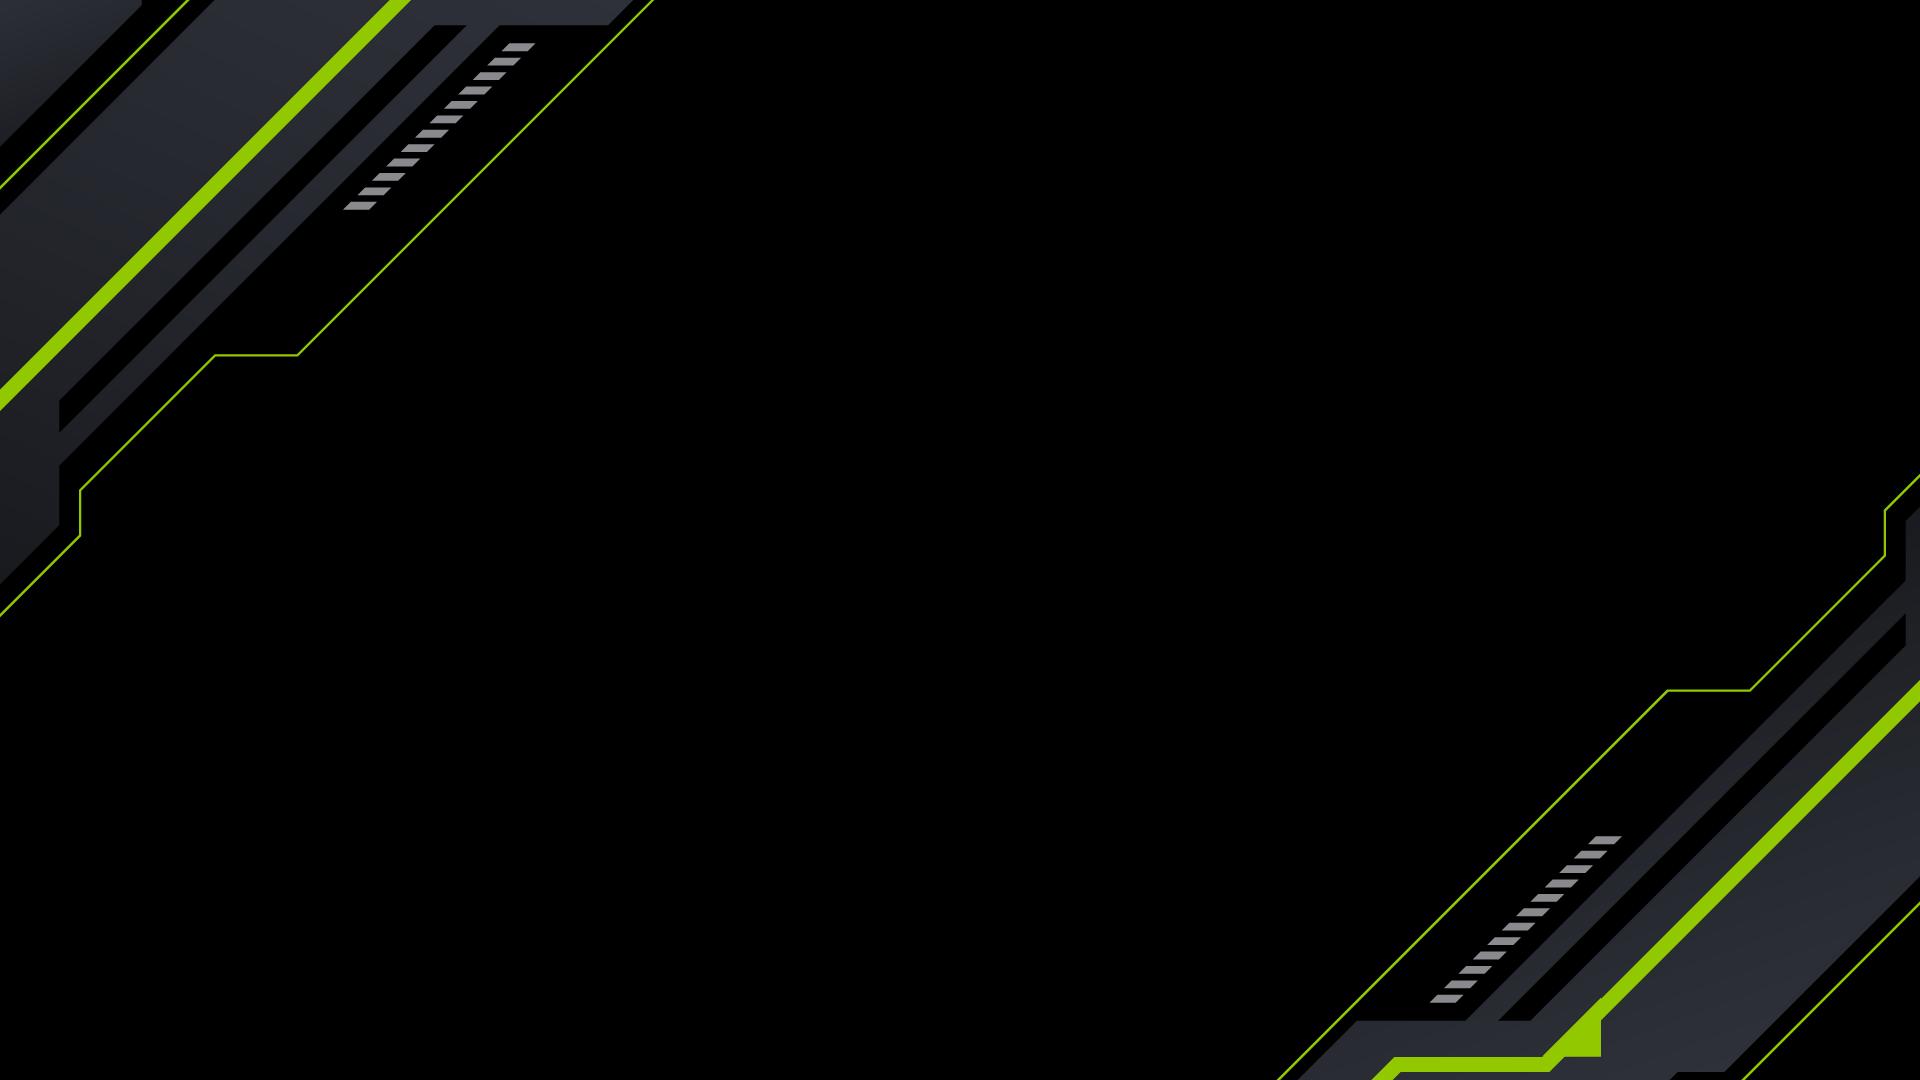 DESKTOP WALLPAPER GAMER STYLE UHD WIDE HD 4K WALLPAPER FOR PC GAMER SETUP